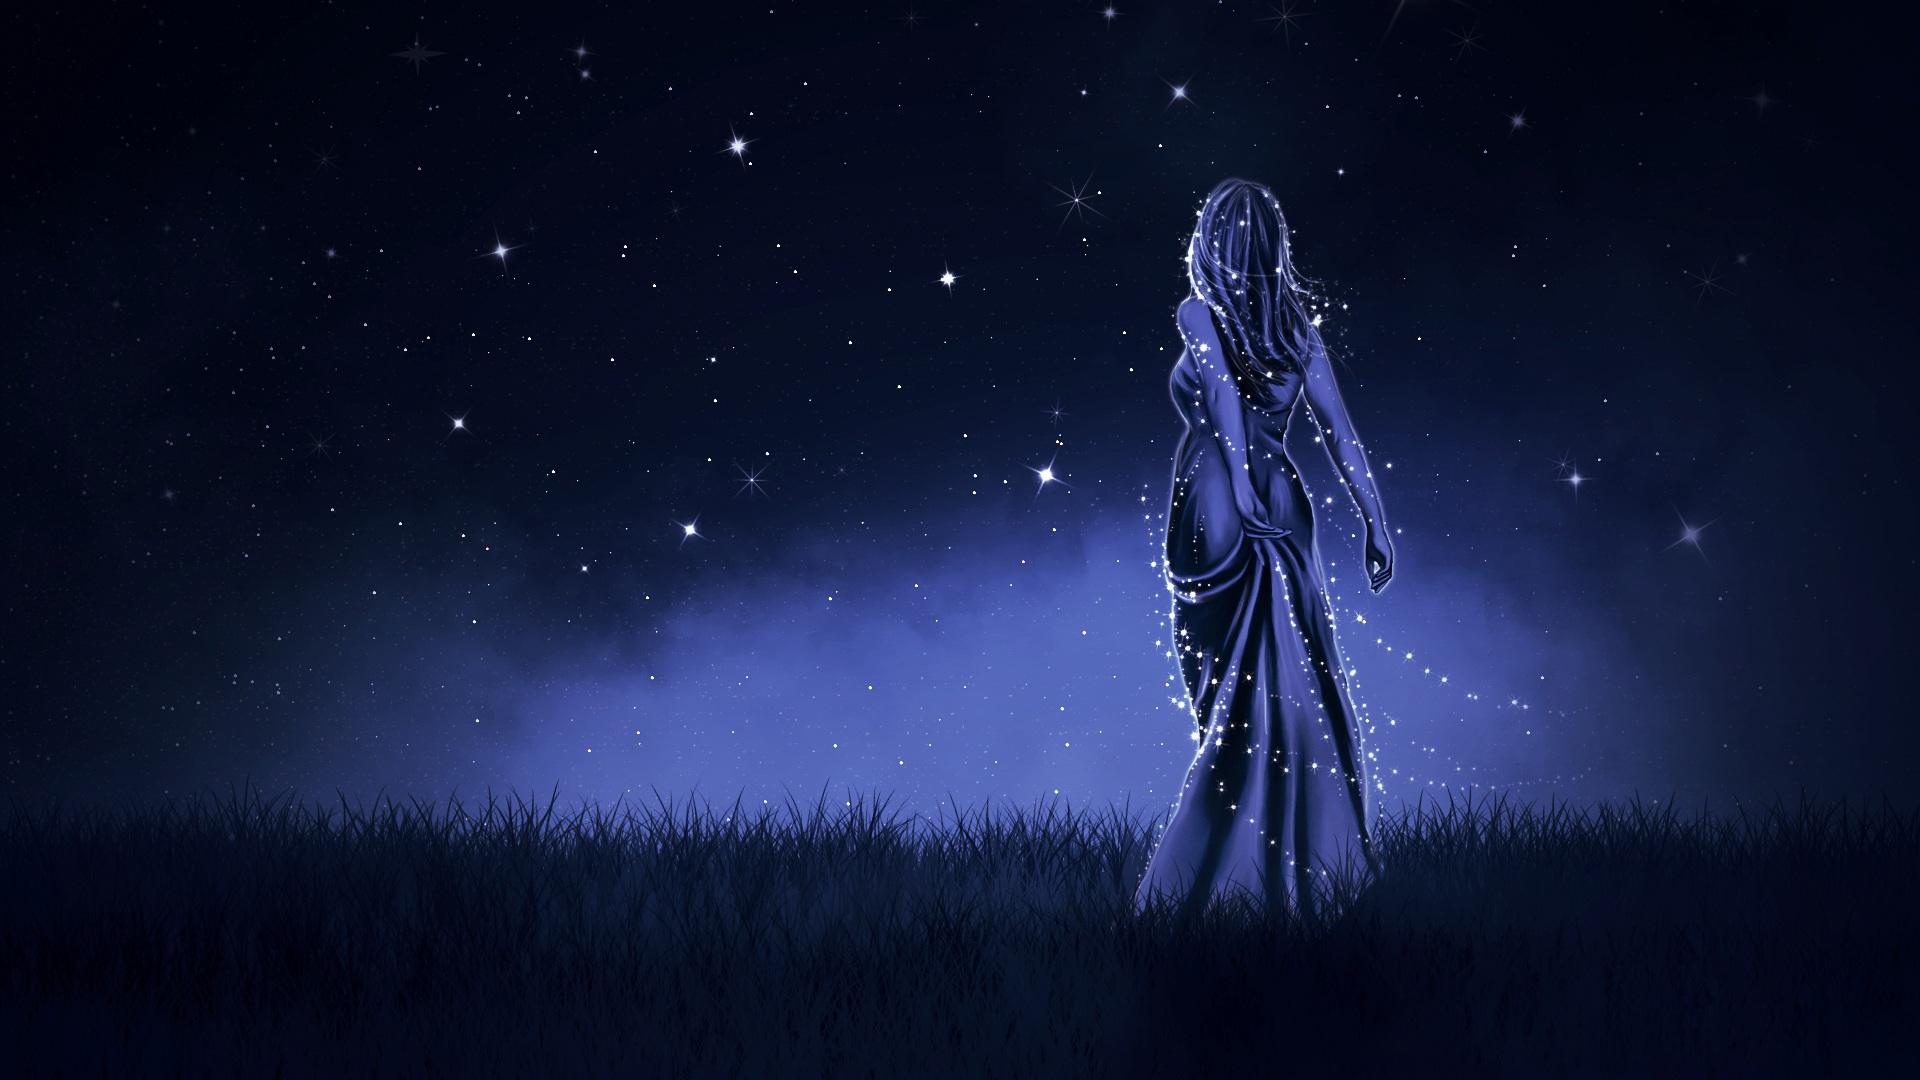 menina, à noite, Céu, Estrela, vestido - Papéis de parede HD - Professor-falken.com